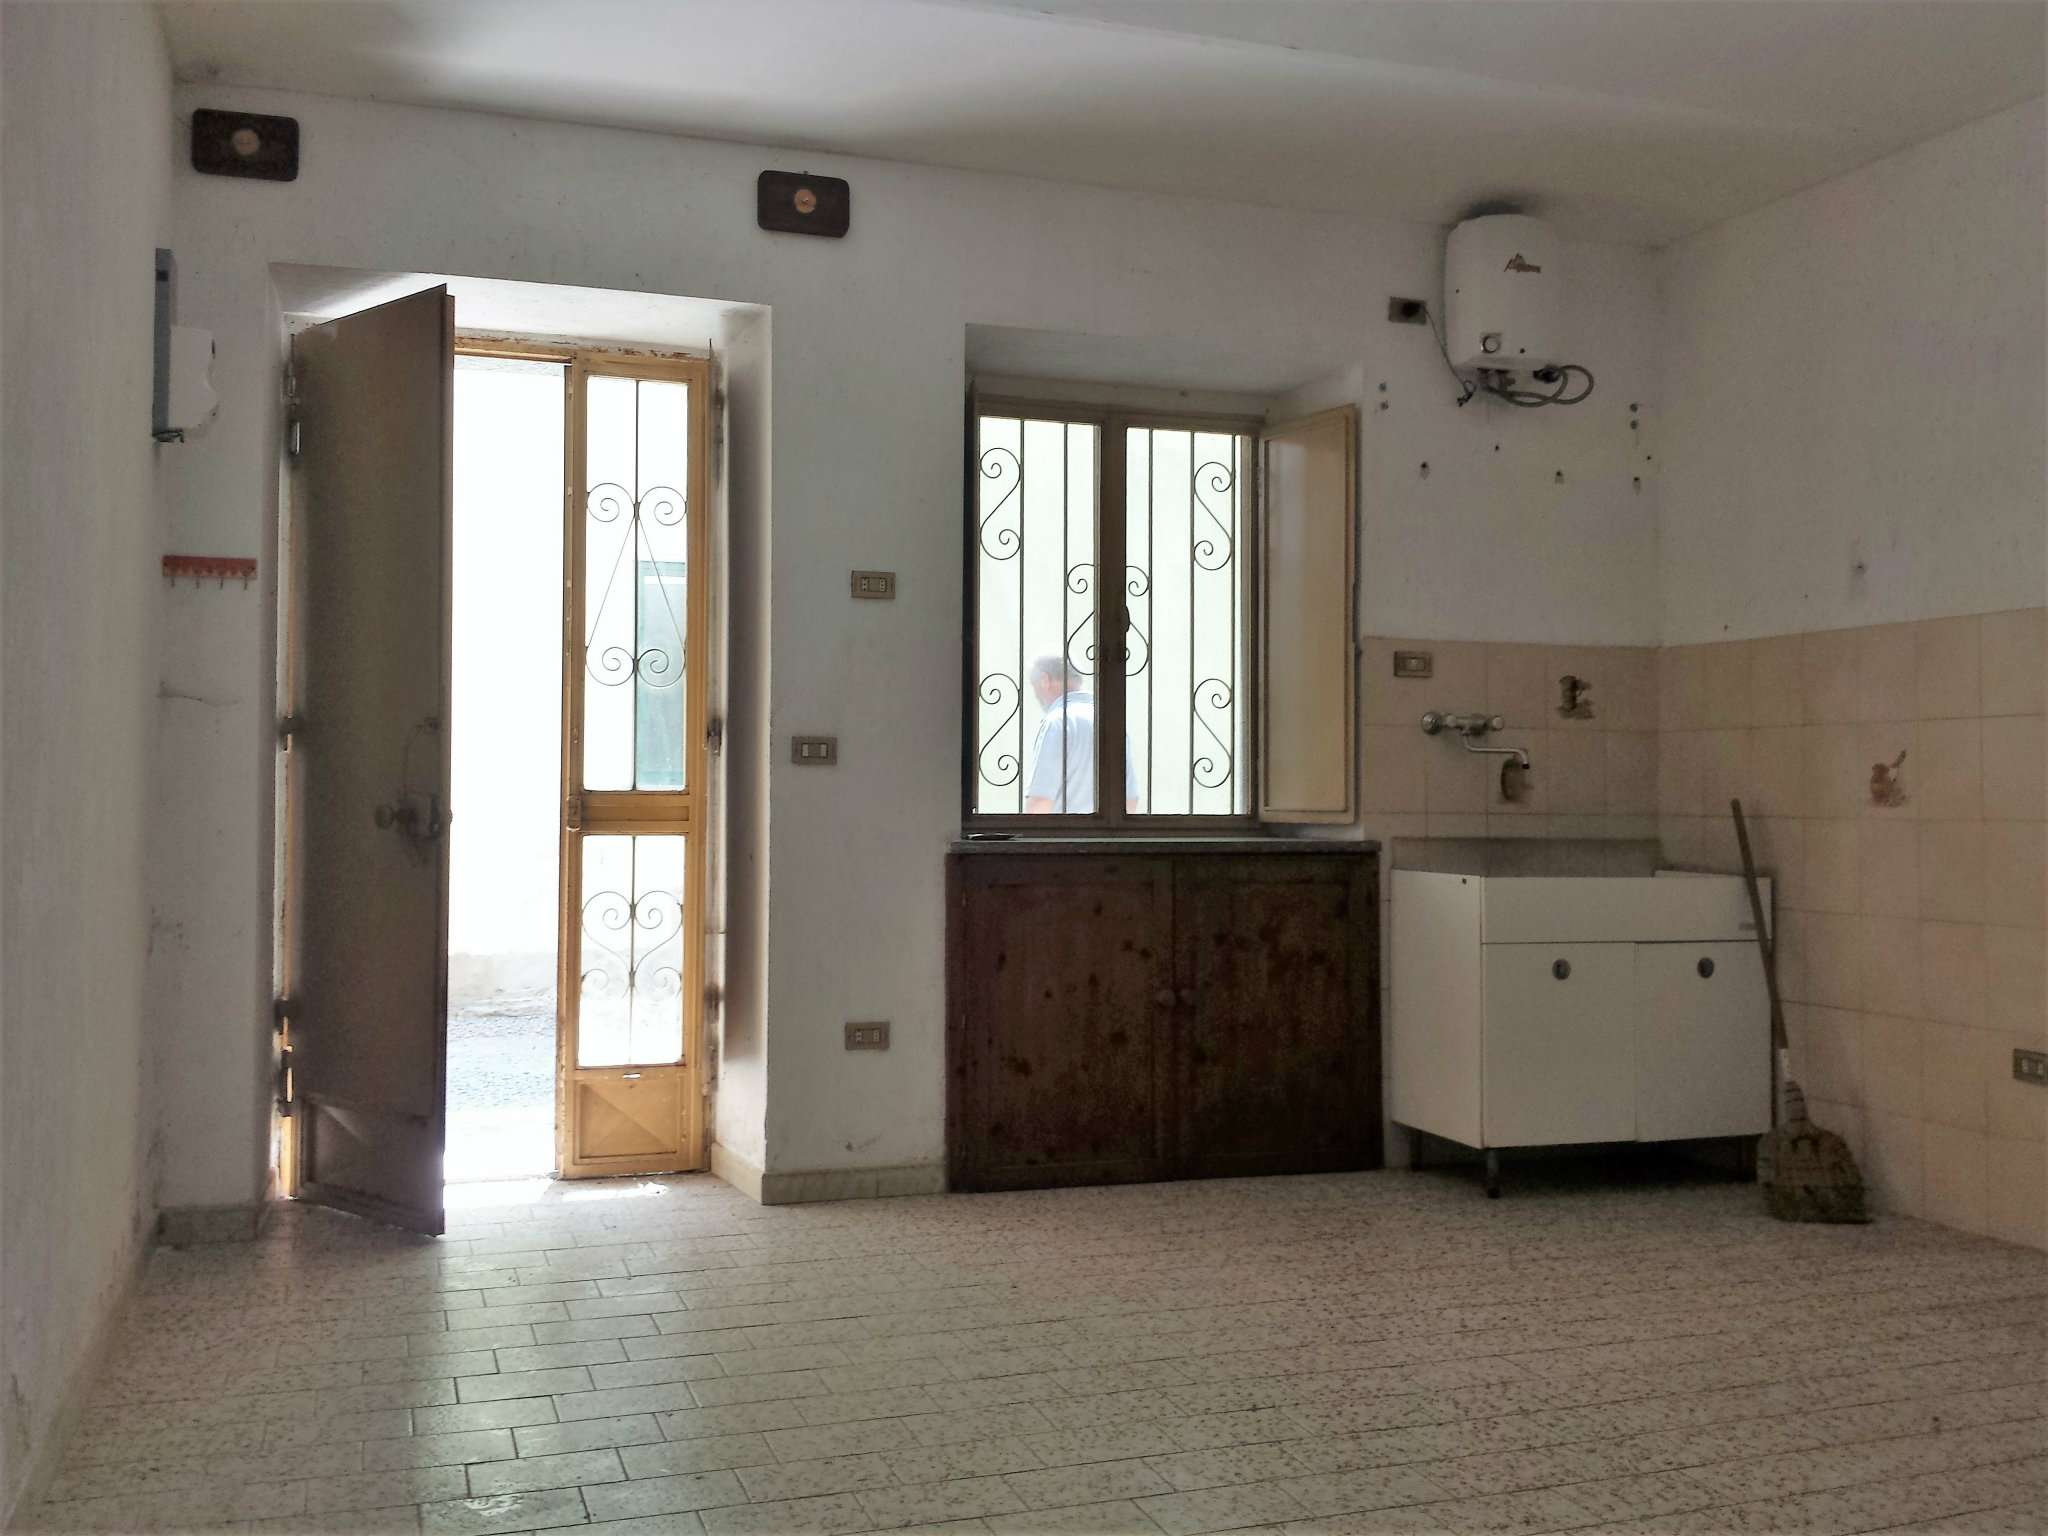 Soluzione Indipendente in vendita a San Carlo Canavese, 3 locali, prezzo € 49.000 | CambioCasa.it